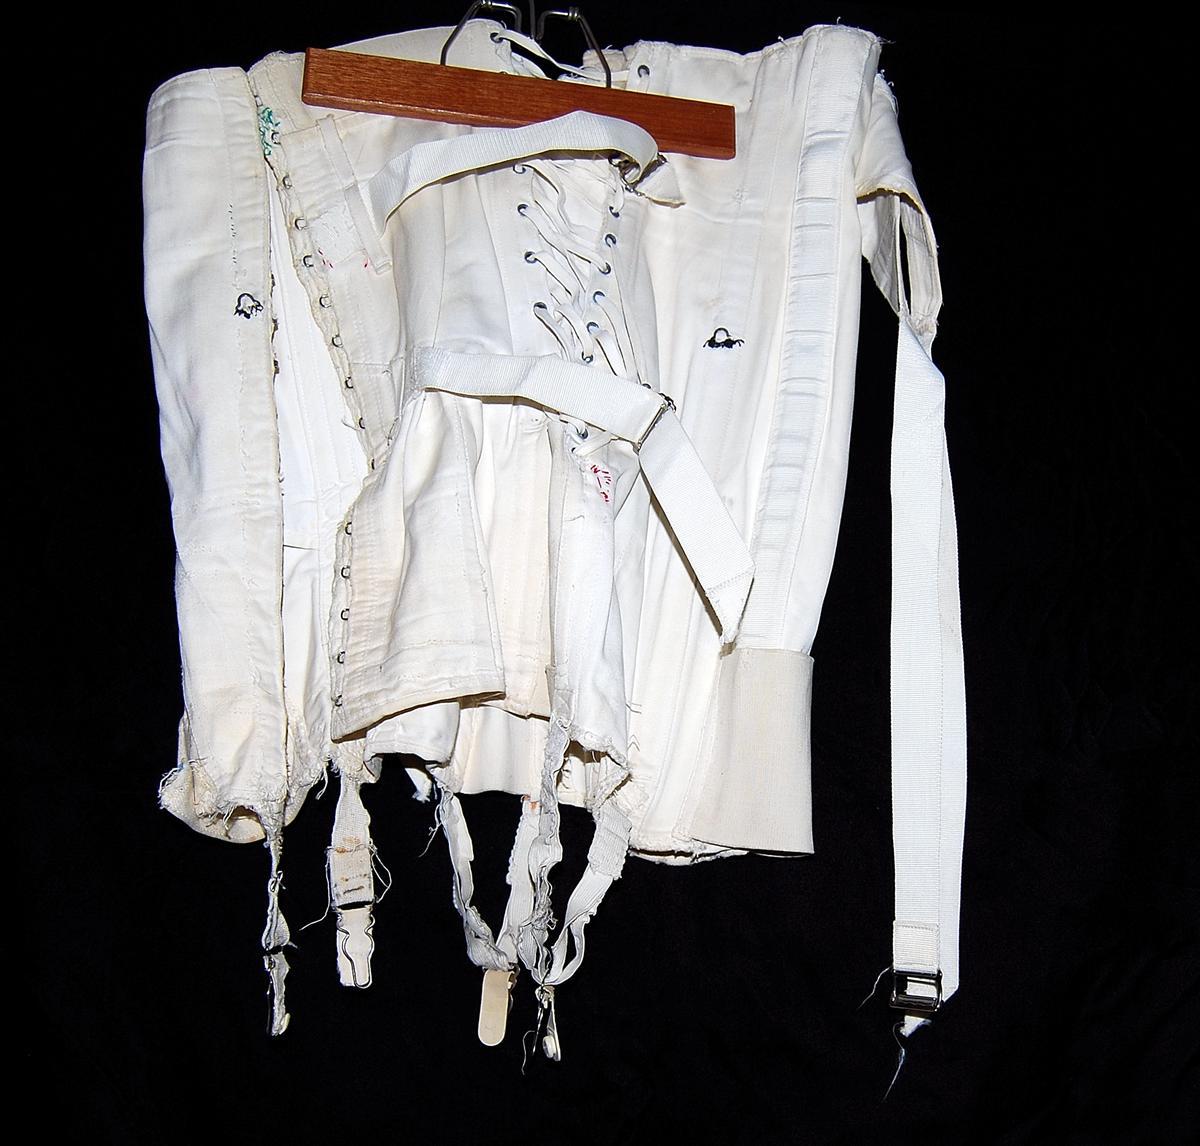 Vintage Camp White Cotton Corset w/ Bones Straps Laces | eBay